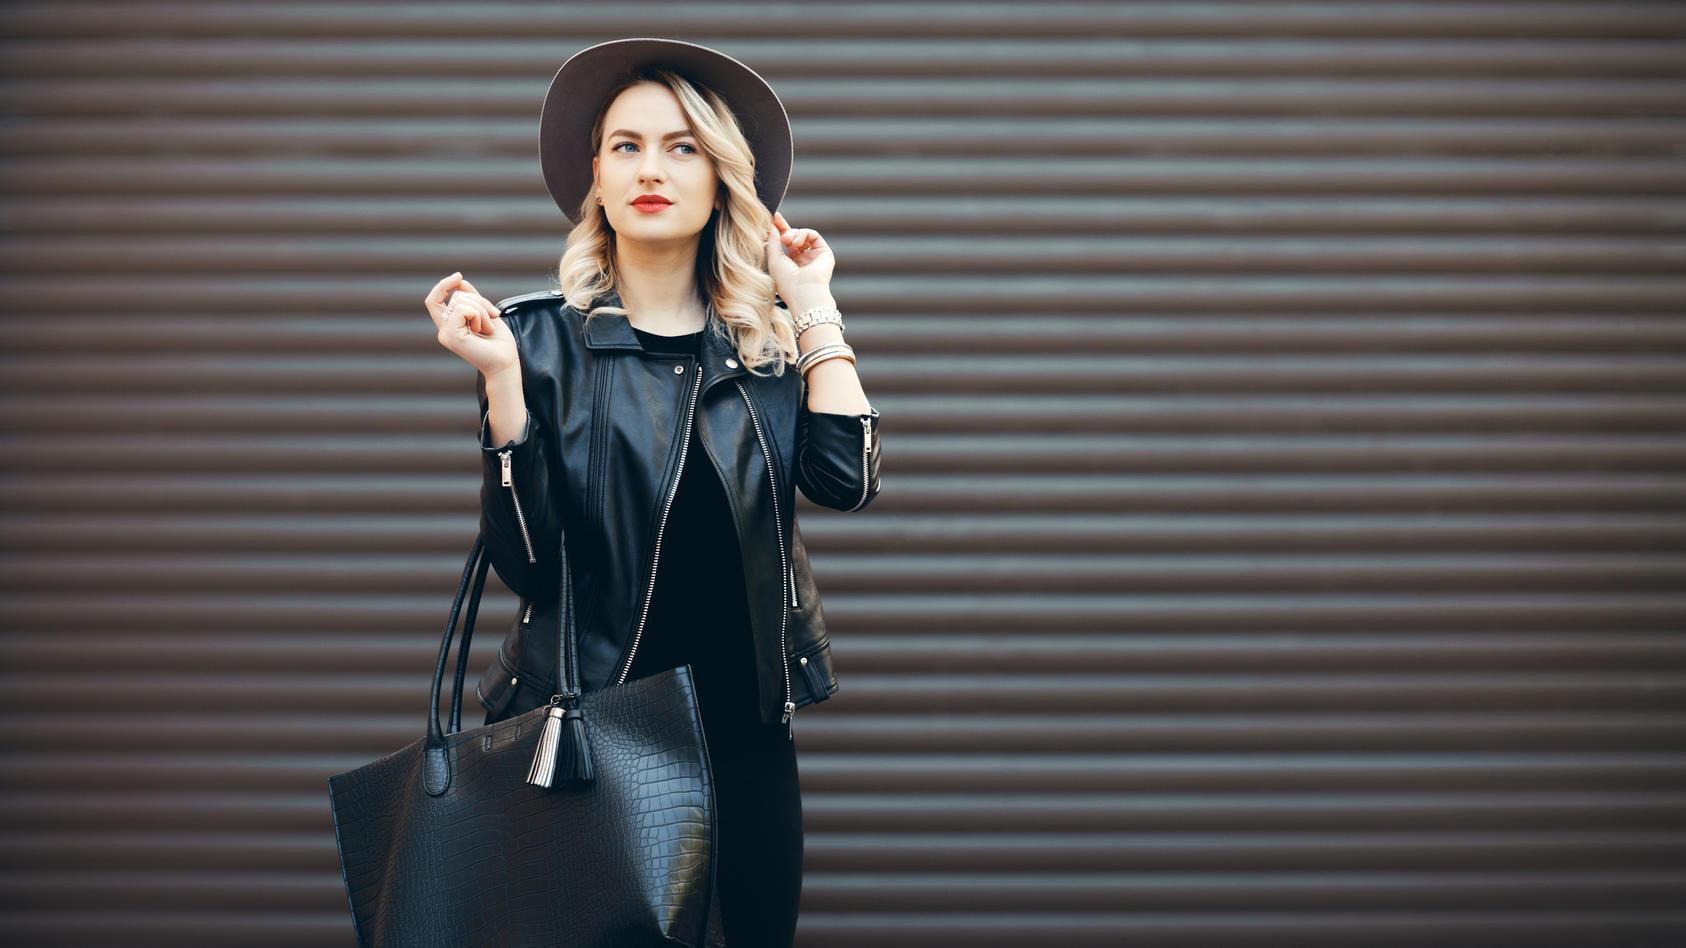 Kleidung in Lederoptik ist im Herbst besonders angesagt.